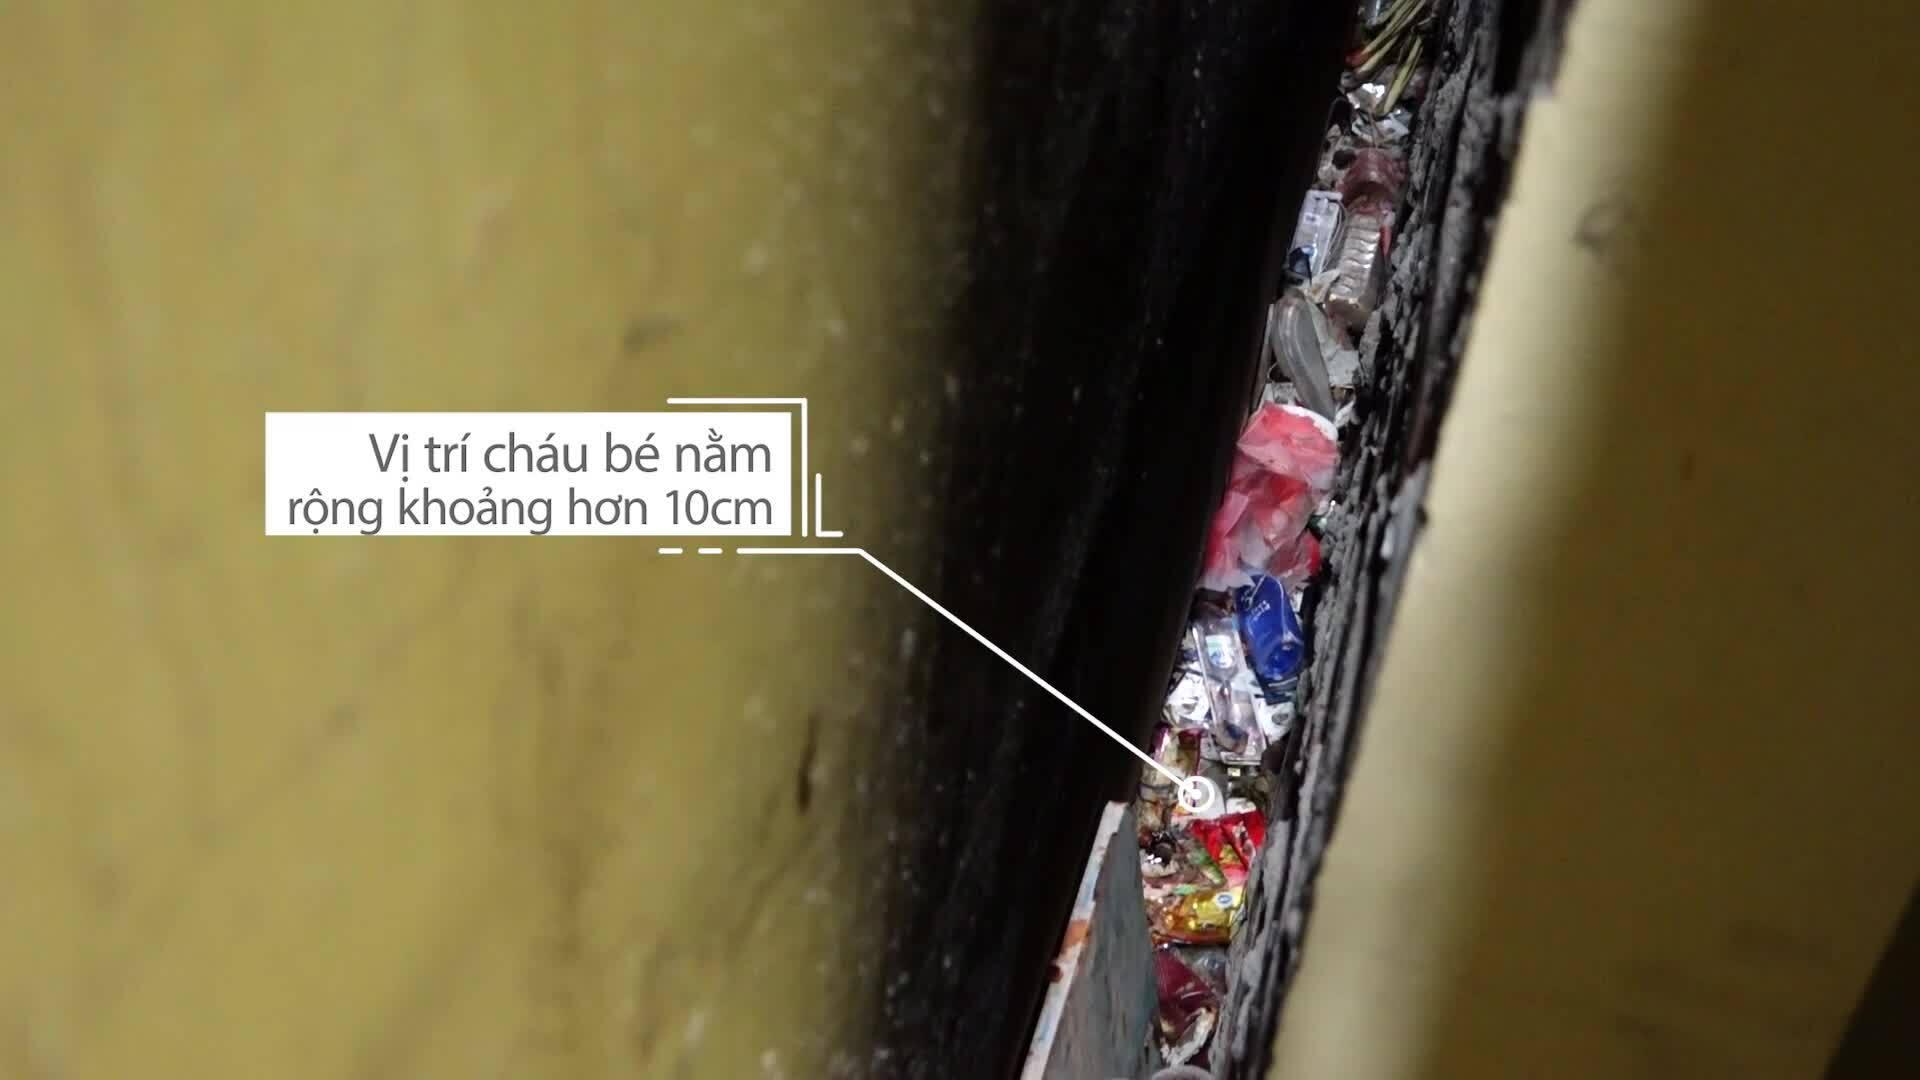 Nhân chứng kể lại giây phút cứu bé trai bị bỏ rơi ở khe tường